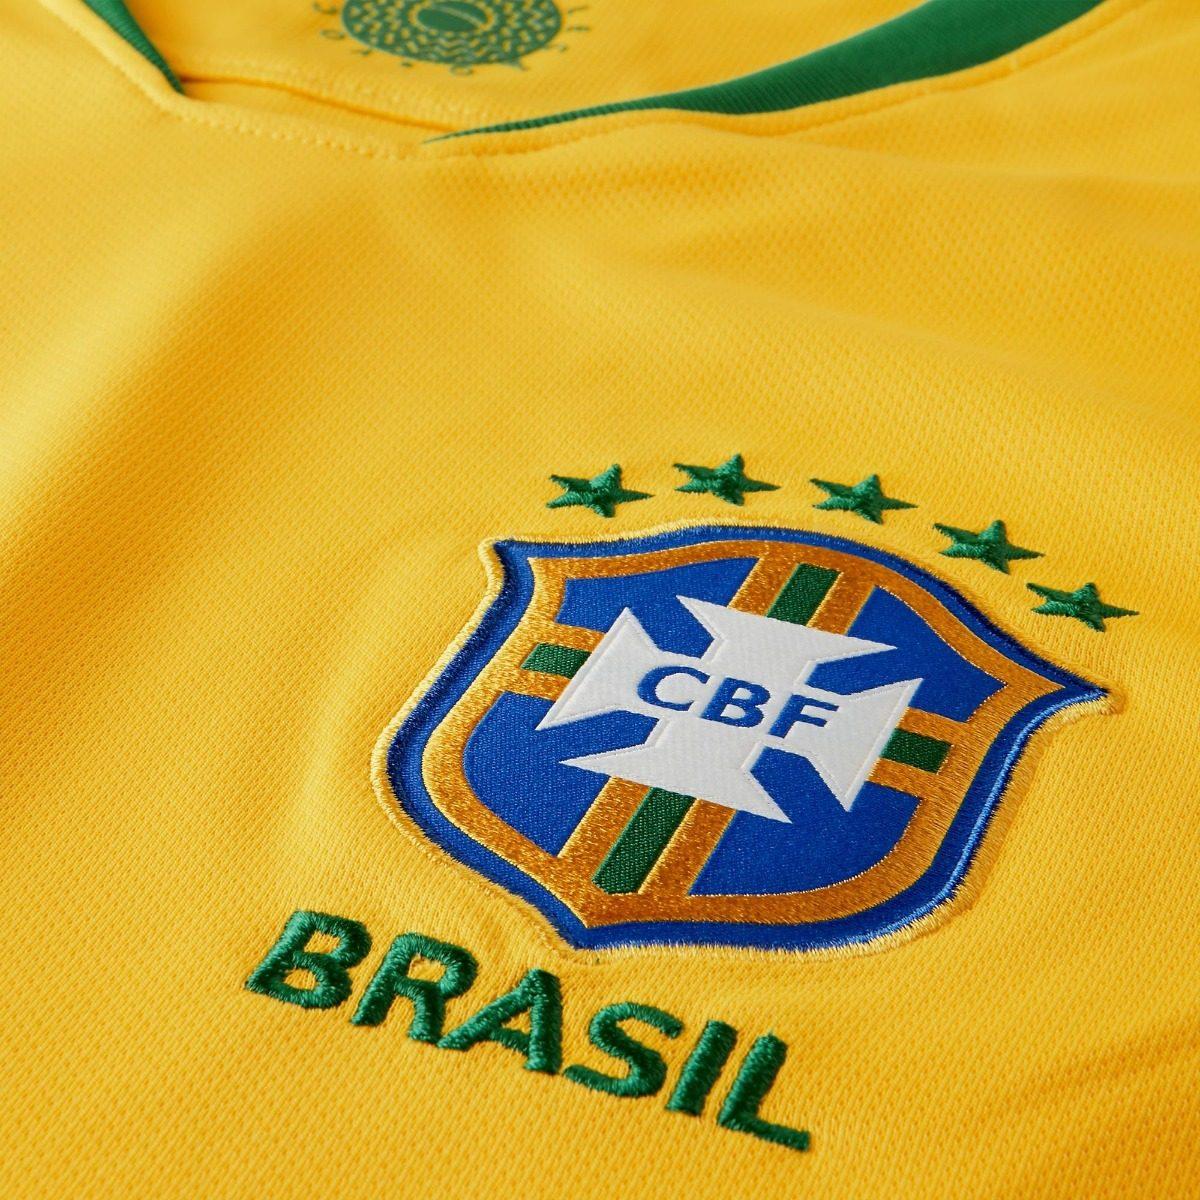 996e17954b camisa seleção brasileira nike oficial original 2018 19 nfe. Carregando  zoom.